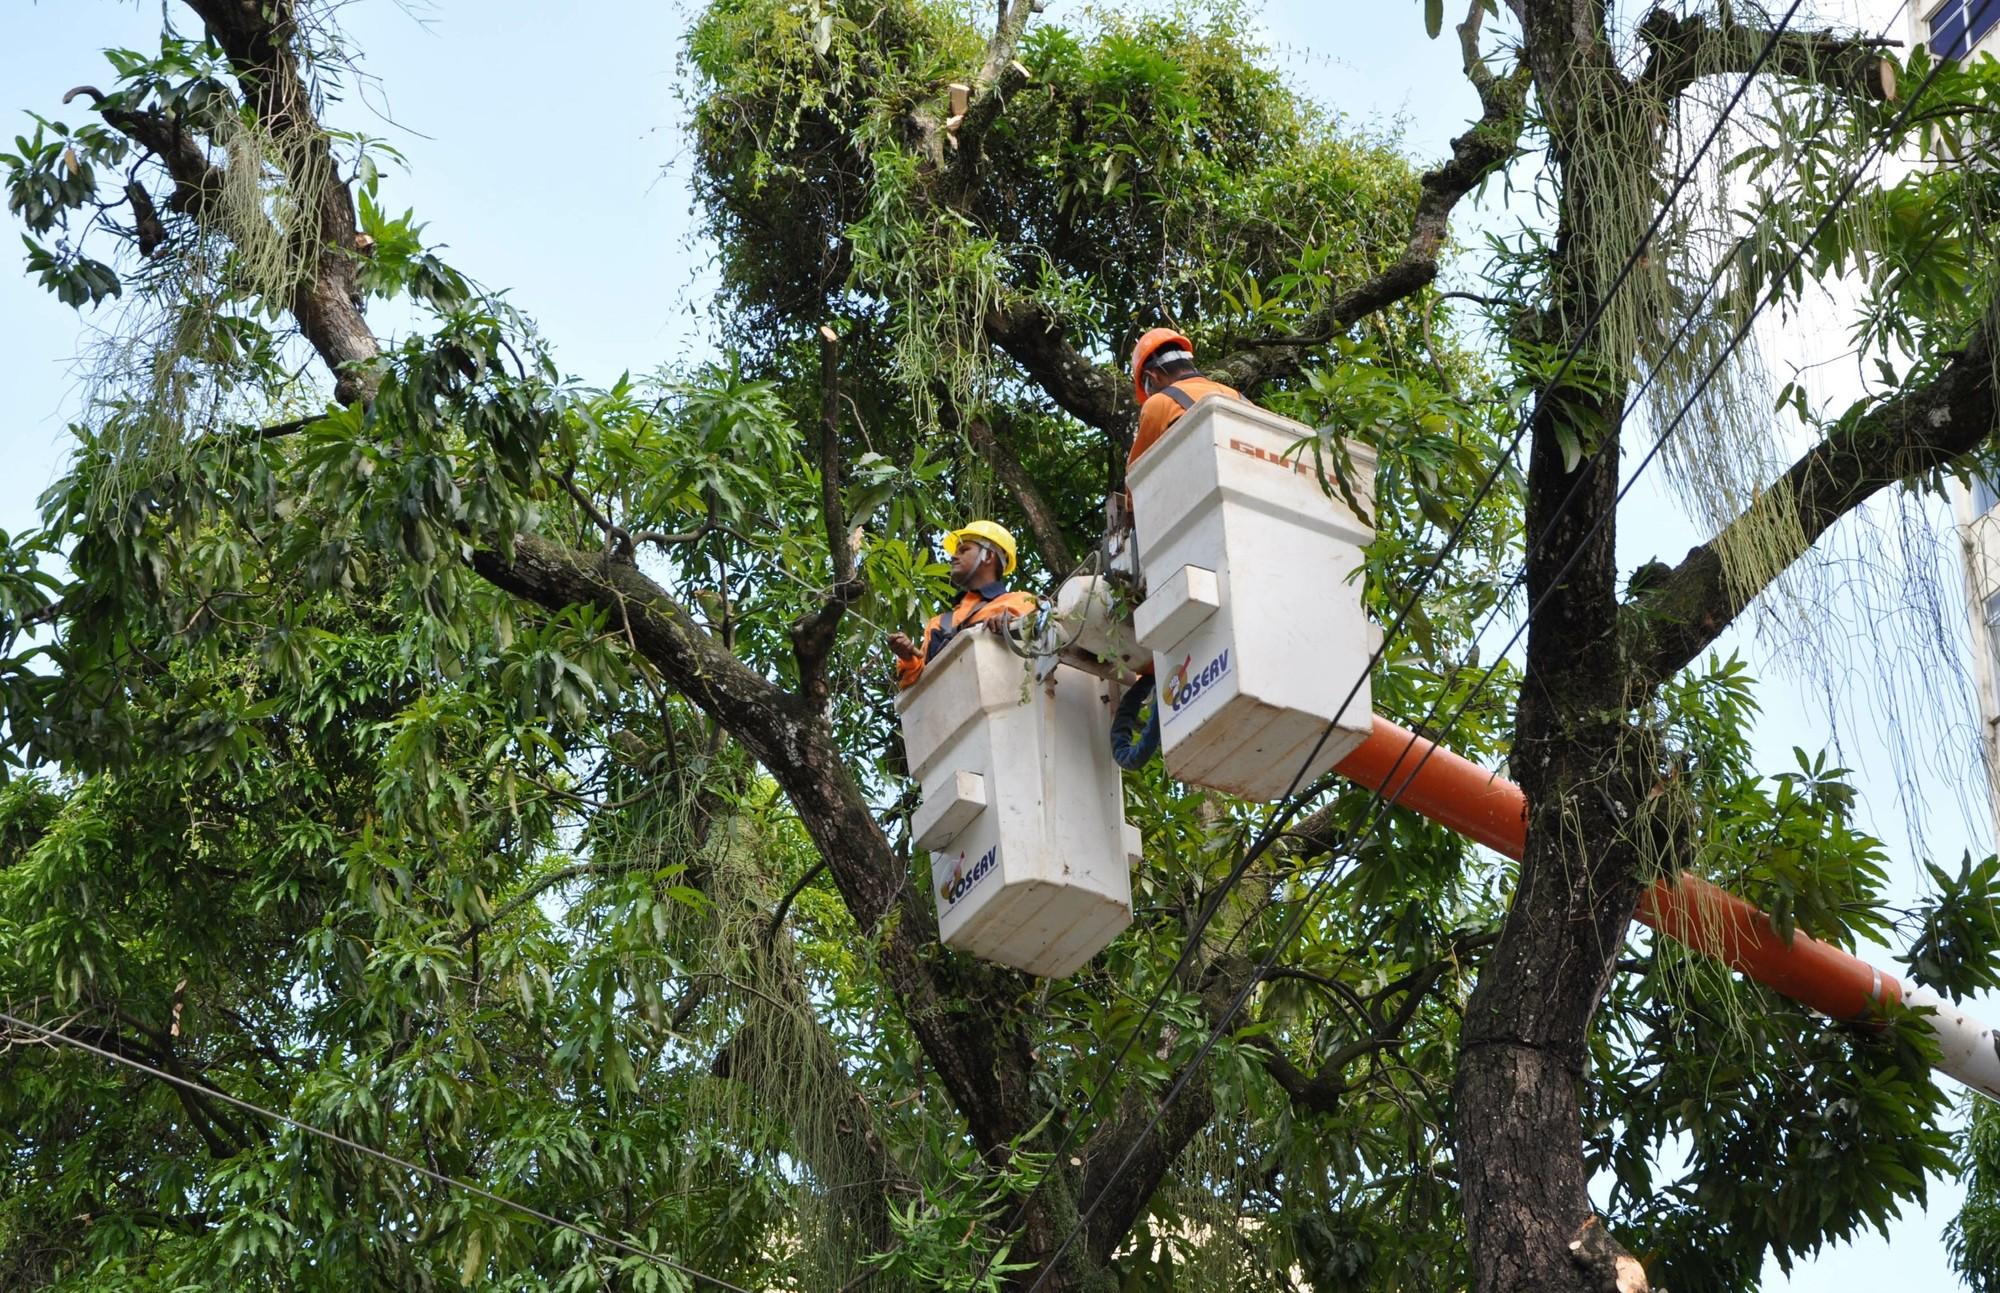 Avenida Generalíssimo Deodoro será  interditada para serviço de poda de árvores neste sábado, 11